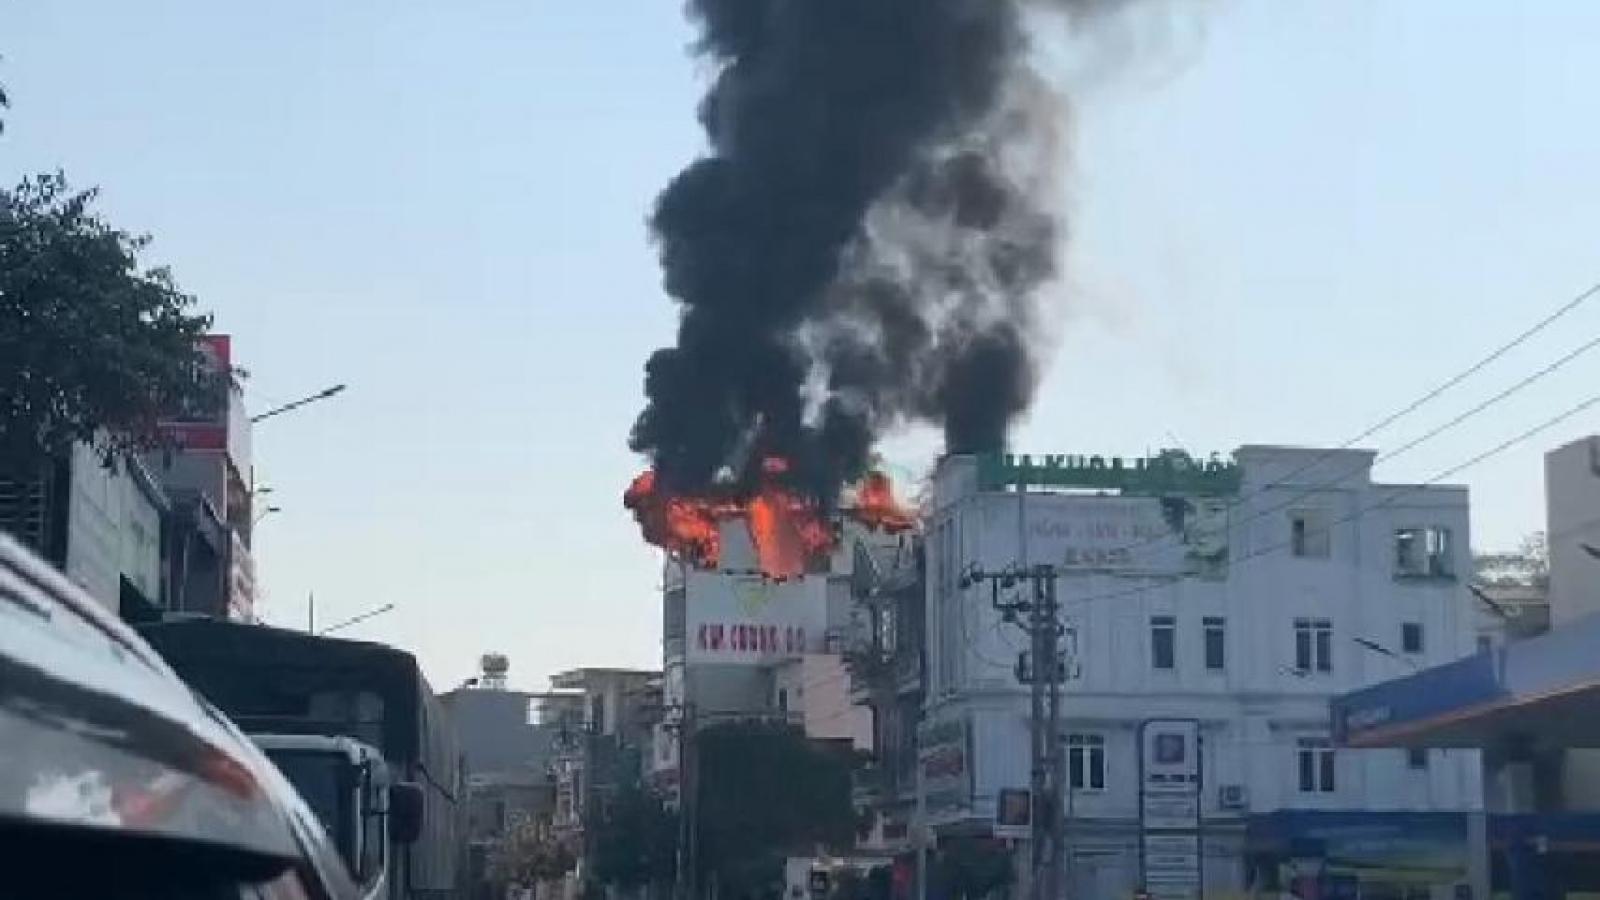 Cháy lớn tại một nhà dân ở thành phố Hạ Long, Quảng Ninh